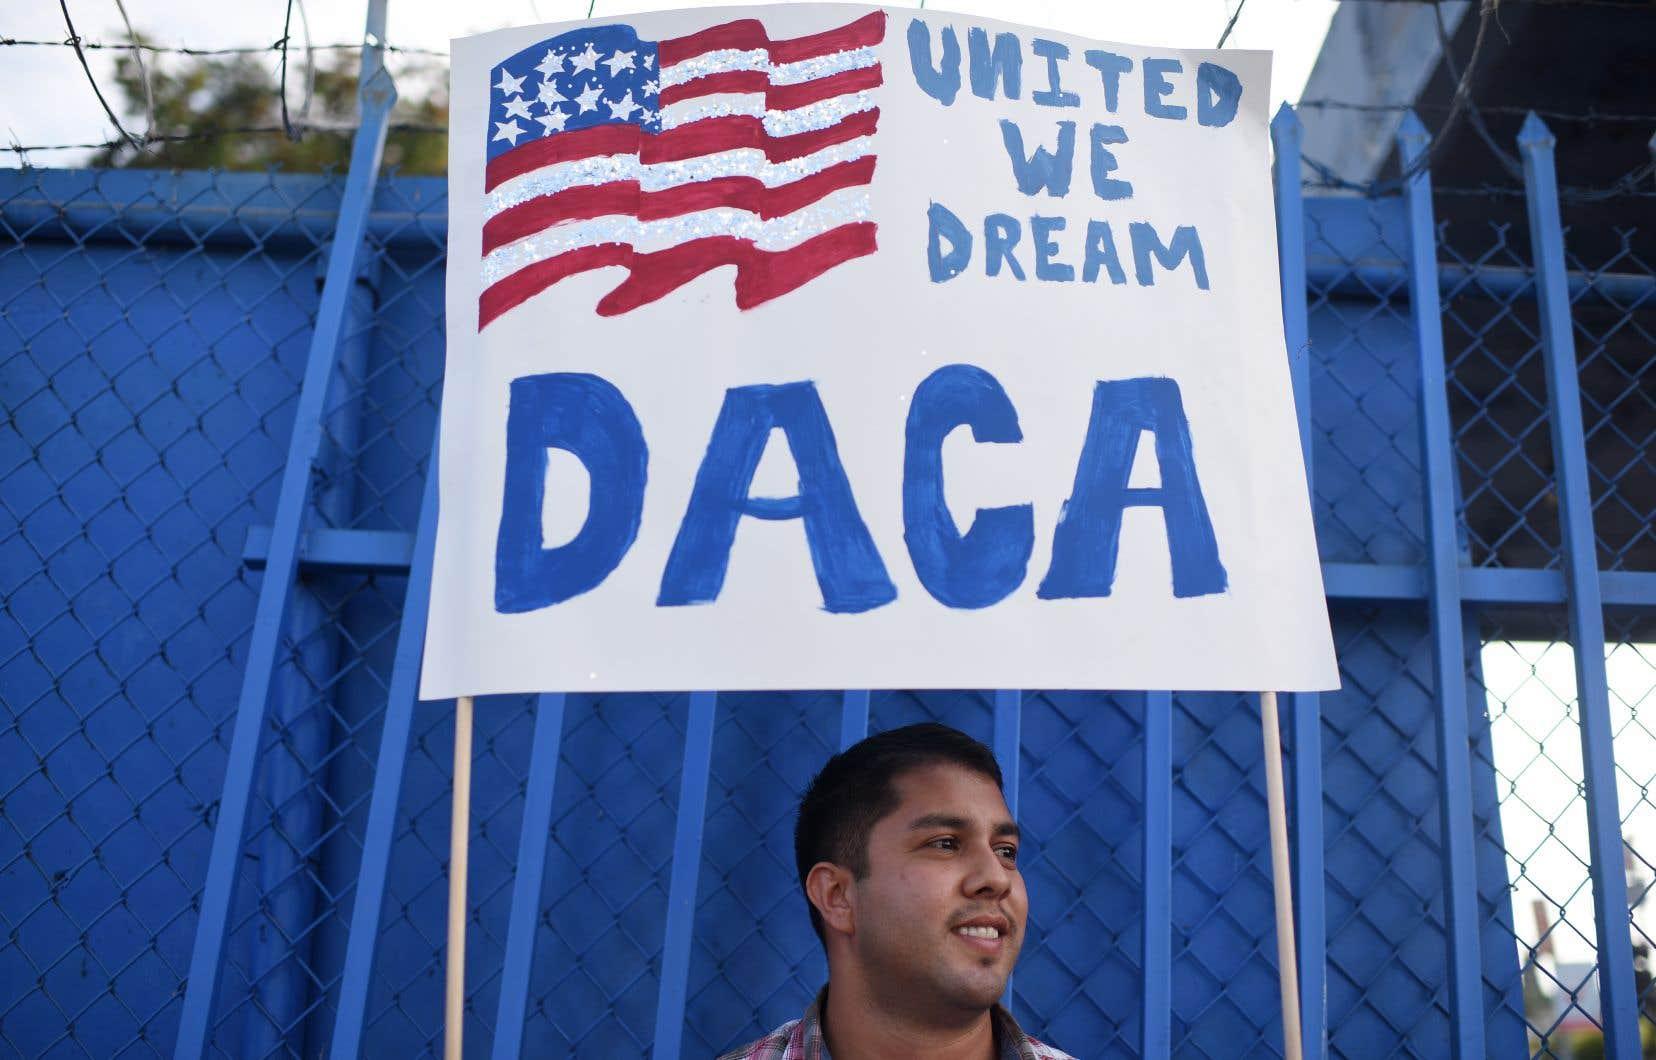 Le programme DACA permet à des jeunes sans-papiers arrivés aux États-Unis alors qu'ils étaient mineurs de travailler et étudier légalement.